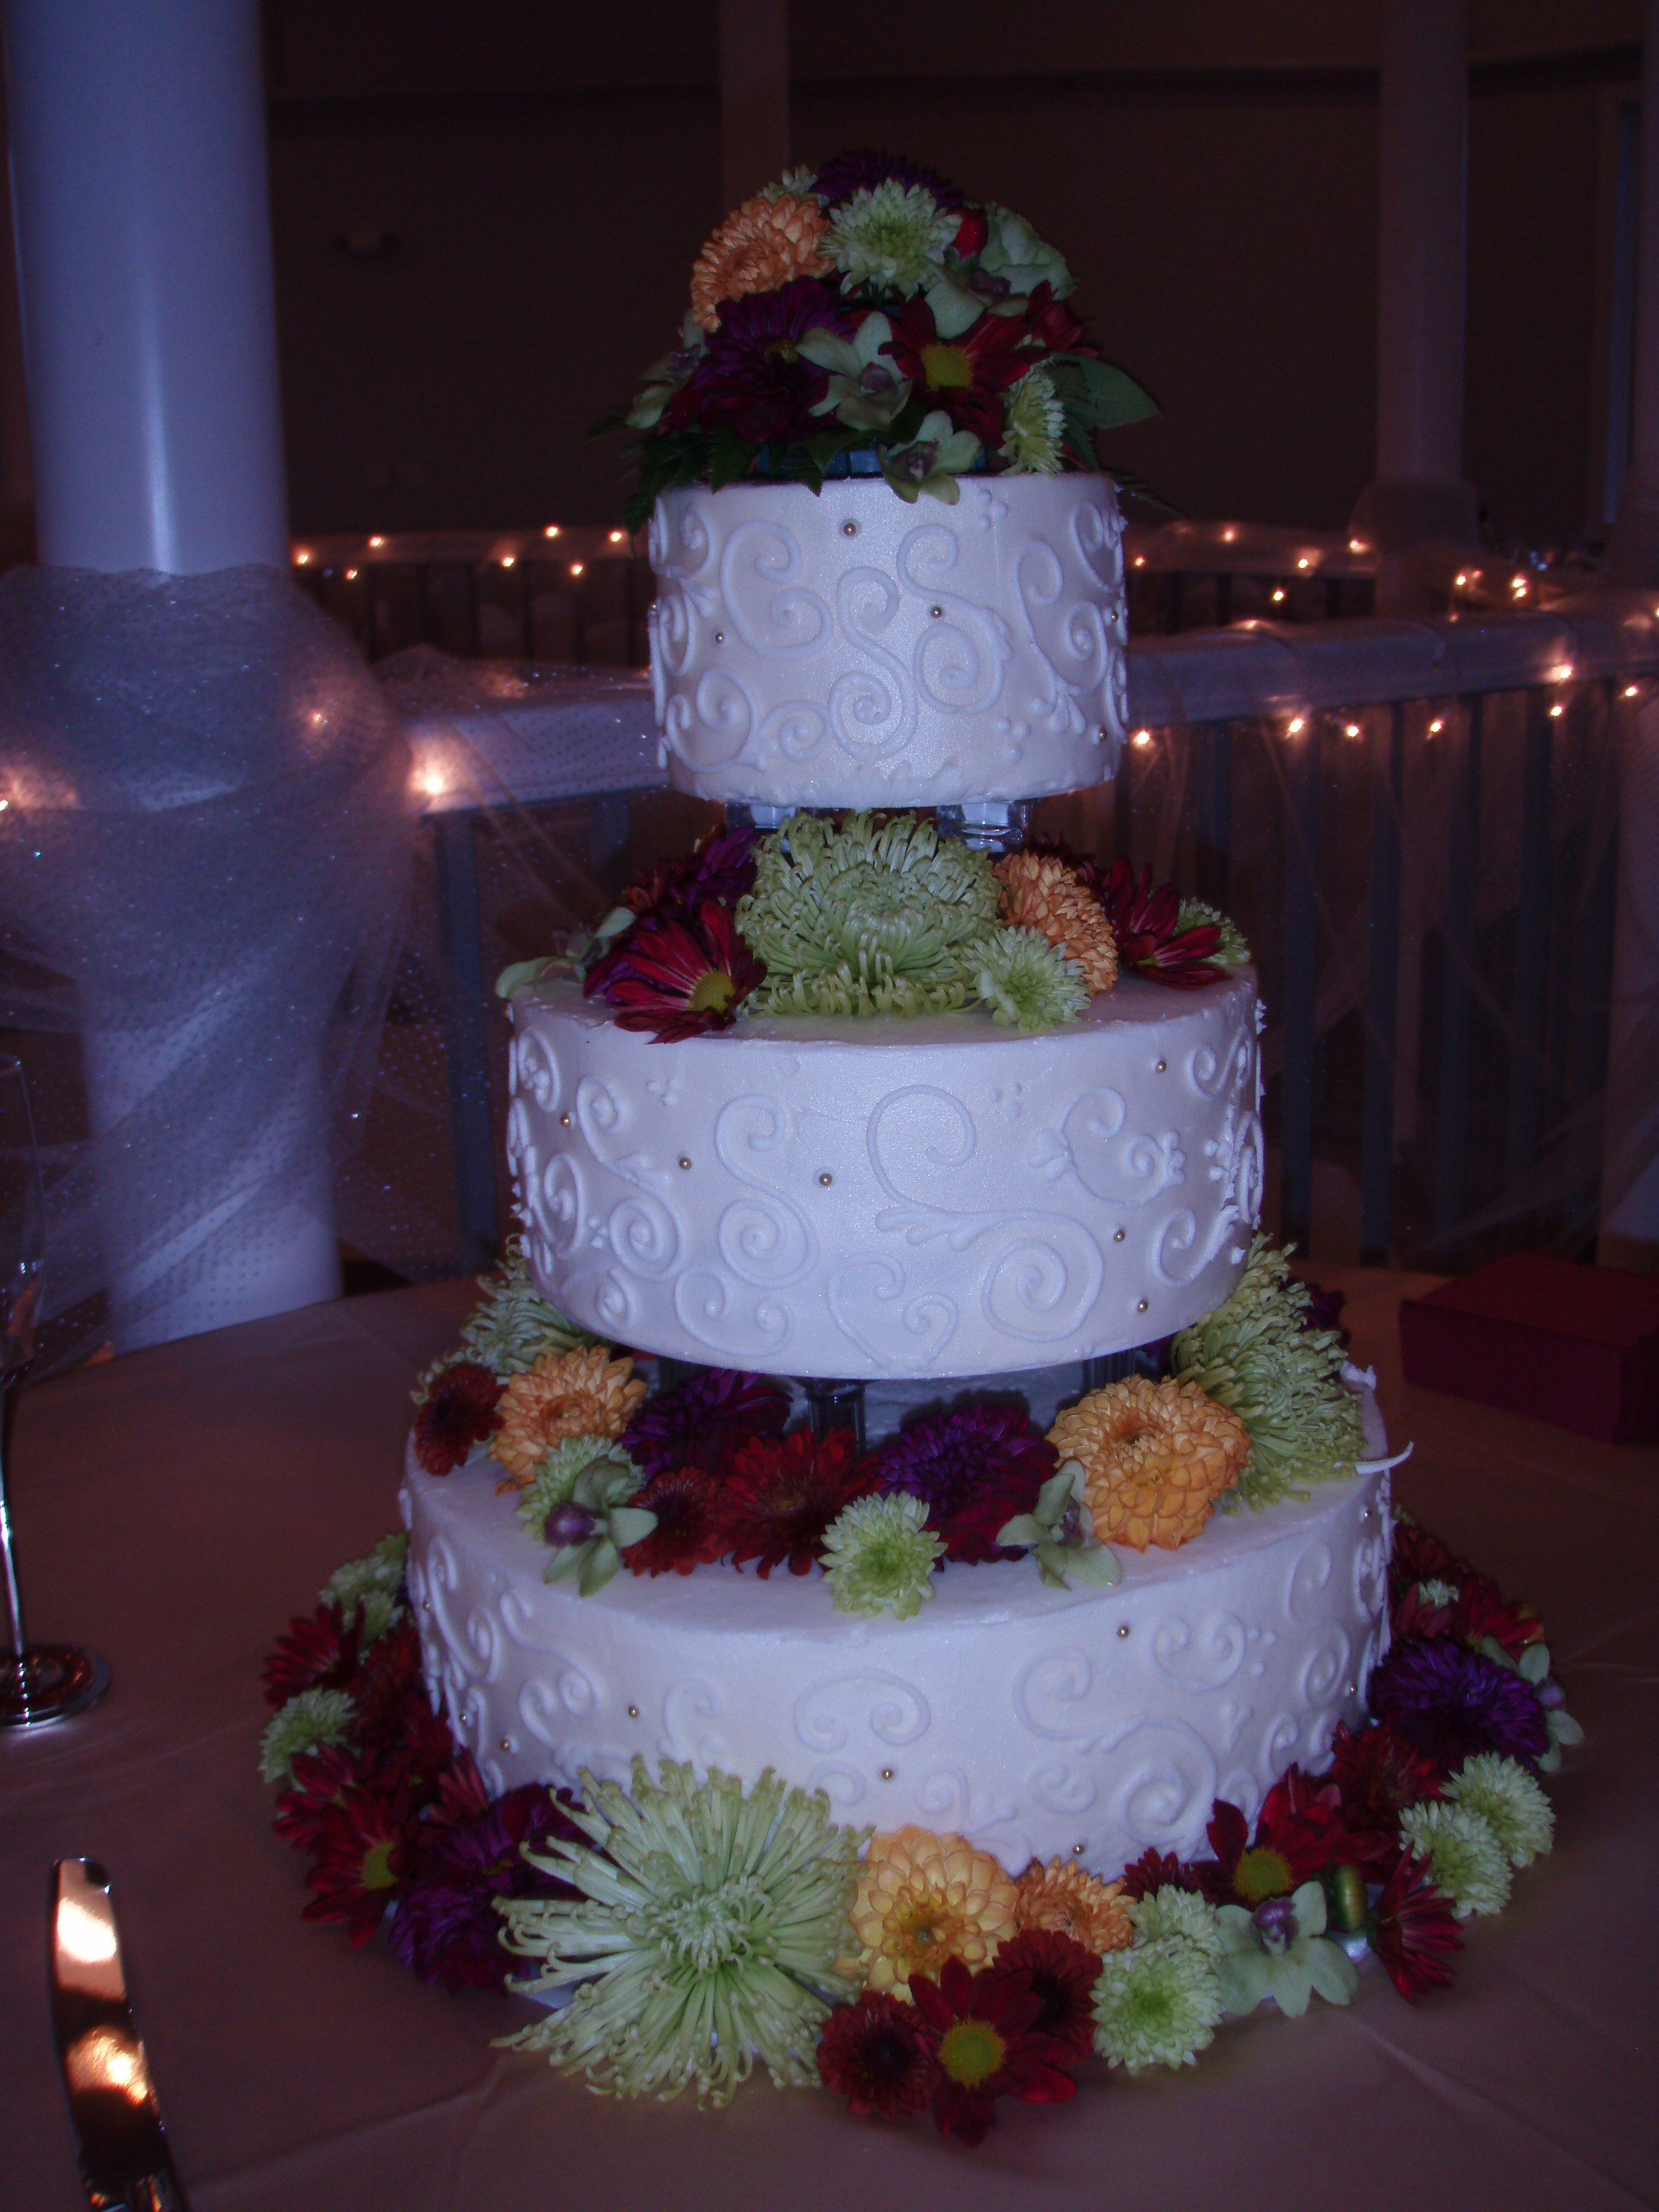 Wedding Cakes Virginia Beach  Wedding cake virginia beach idea in 2017